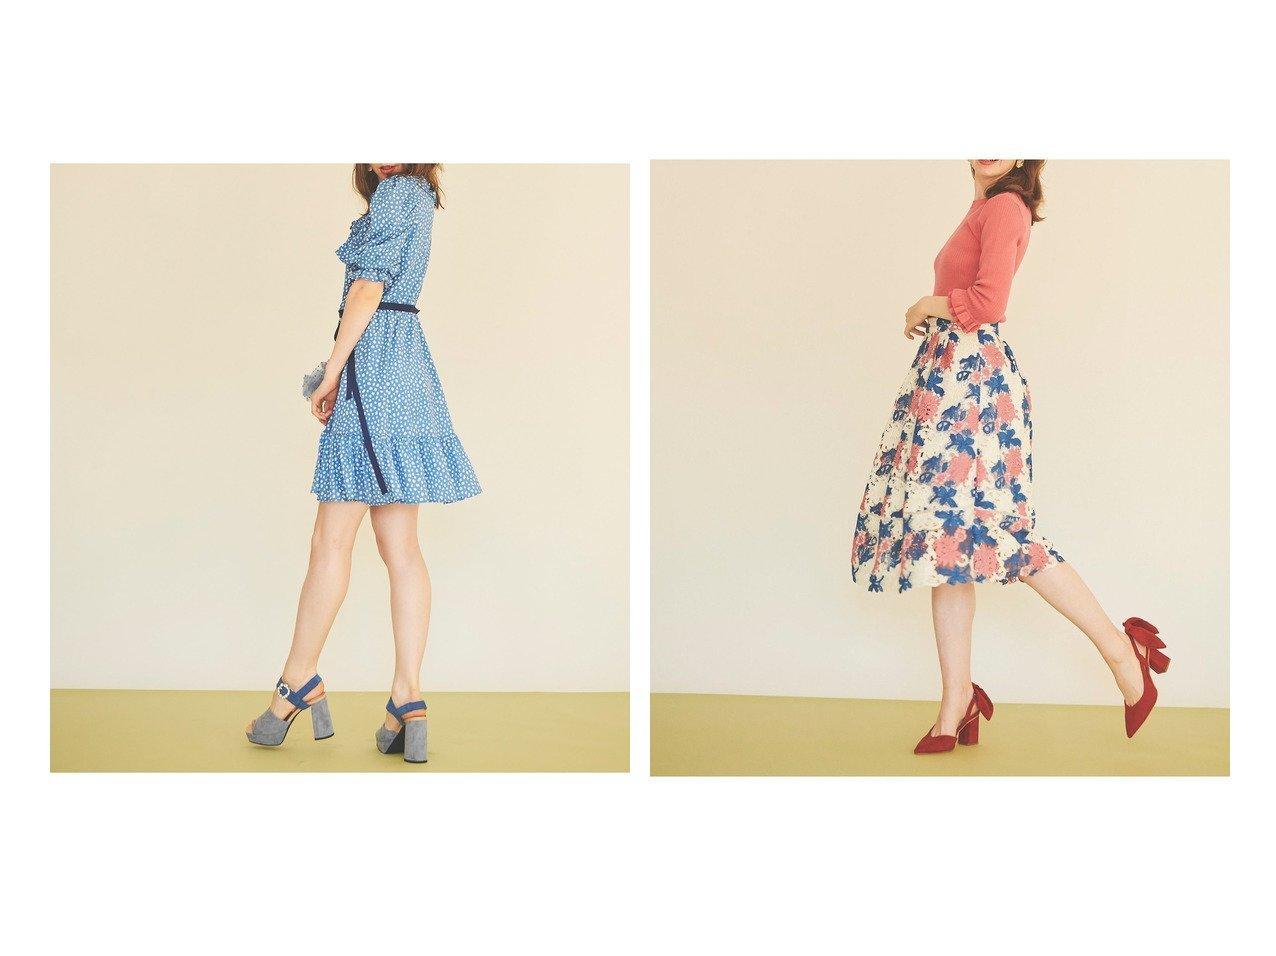 【31 Sons de mode/トランテアン ソン ドゥ モード】のケミカルレースフレアスカート&フェイクスエードビジューサンダル 31 Sons de modeのおすすめ!人気、トレンド・レディースファッションの通販 おすすめで人気の流行・トレンド、ファッションの通販商品 メンズファッション・キッズファッション・インテリア・家具・レディースファッション・服の通販 founy(ファニー) https://founy.com/ ファッション Fashion レディースファッション WOMEN スカート Skirt Aライン/フレアスカート Flared A-Line Skirts NEW・新作・新着・新入荷 New Arrivals 2021年 2021 2021 春夏 S/S SS Spring/Summer 2021 S/S 春夏 SS Spring/Summer サンダル シューズ ソックス フェイクスウェード ギャザー シンプル フレア 春 Spring |ID:crp329100000020120